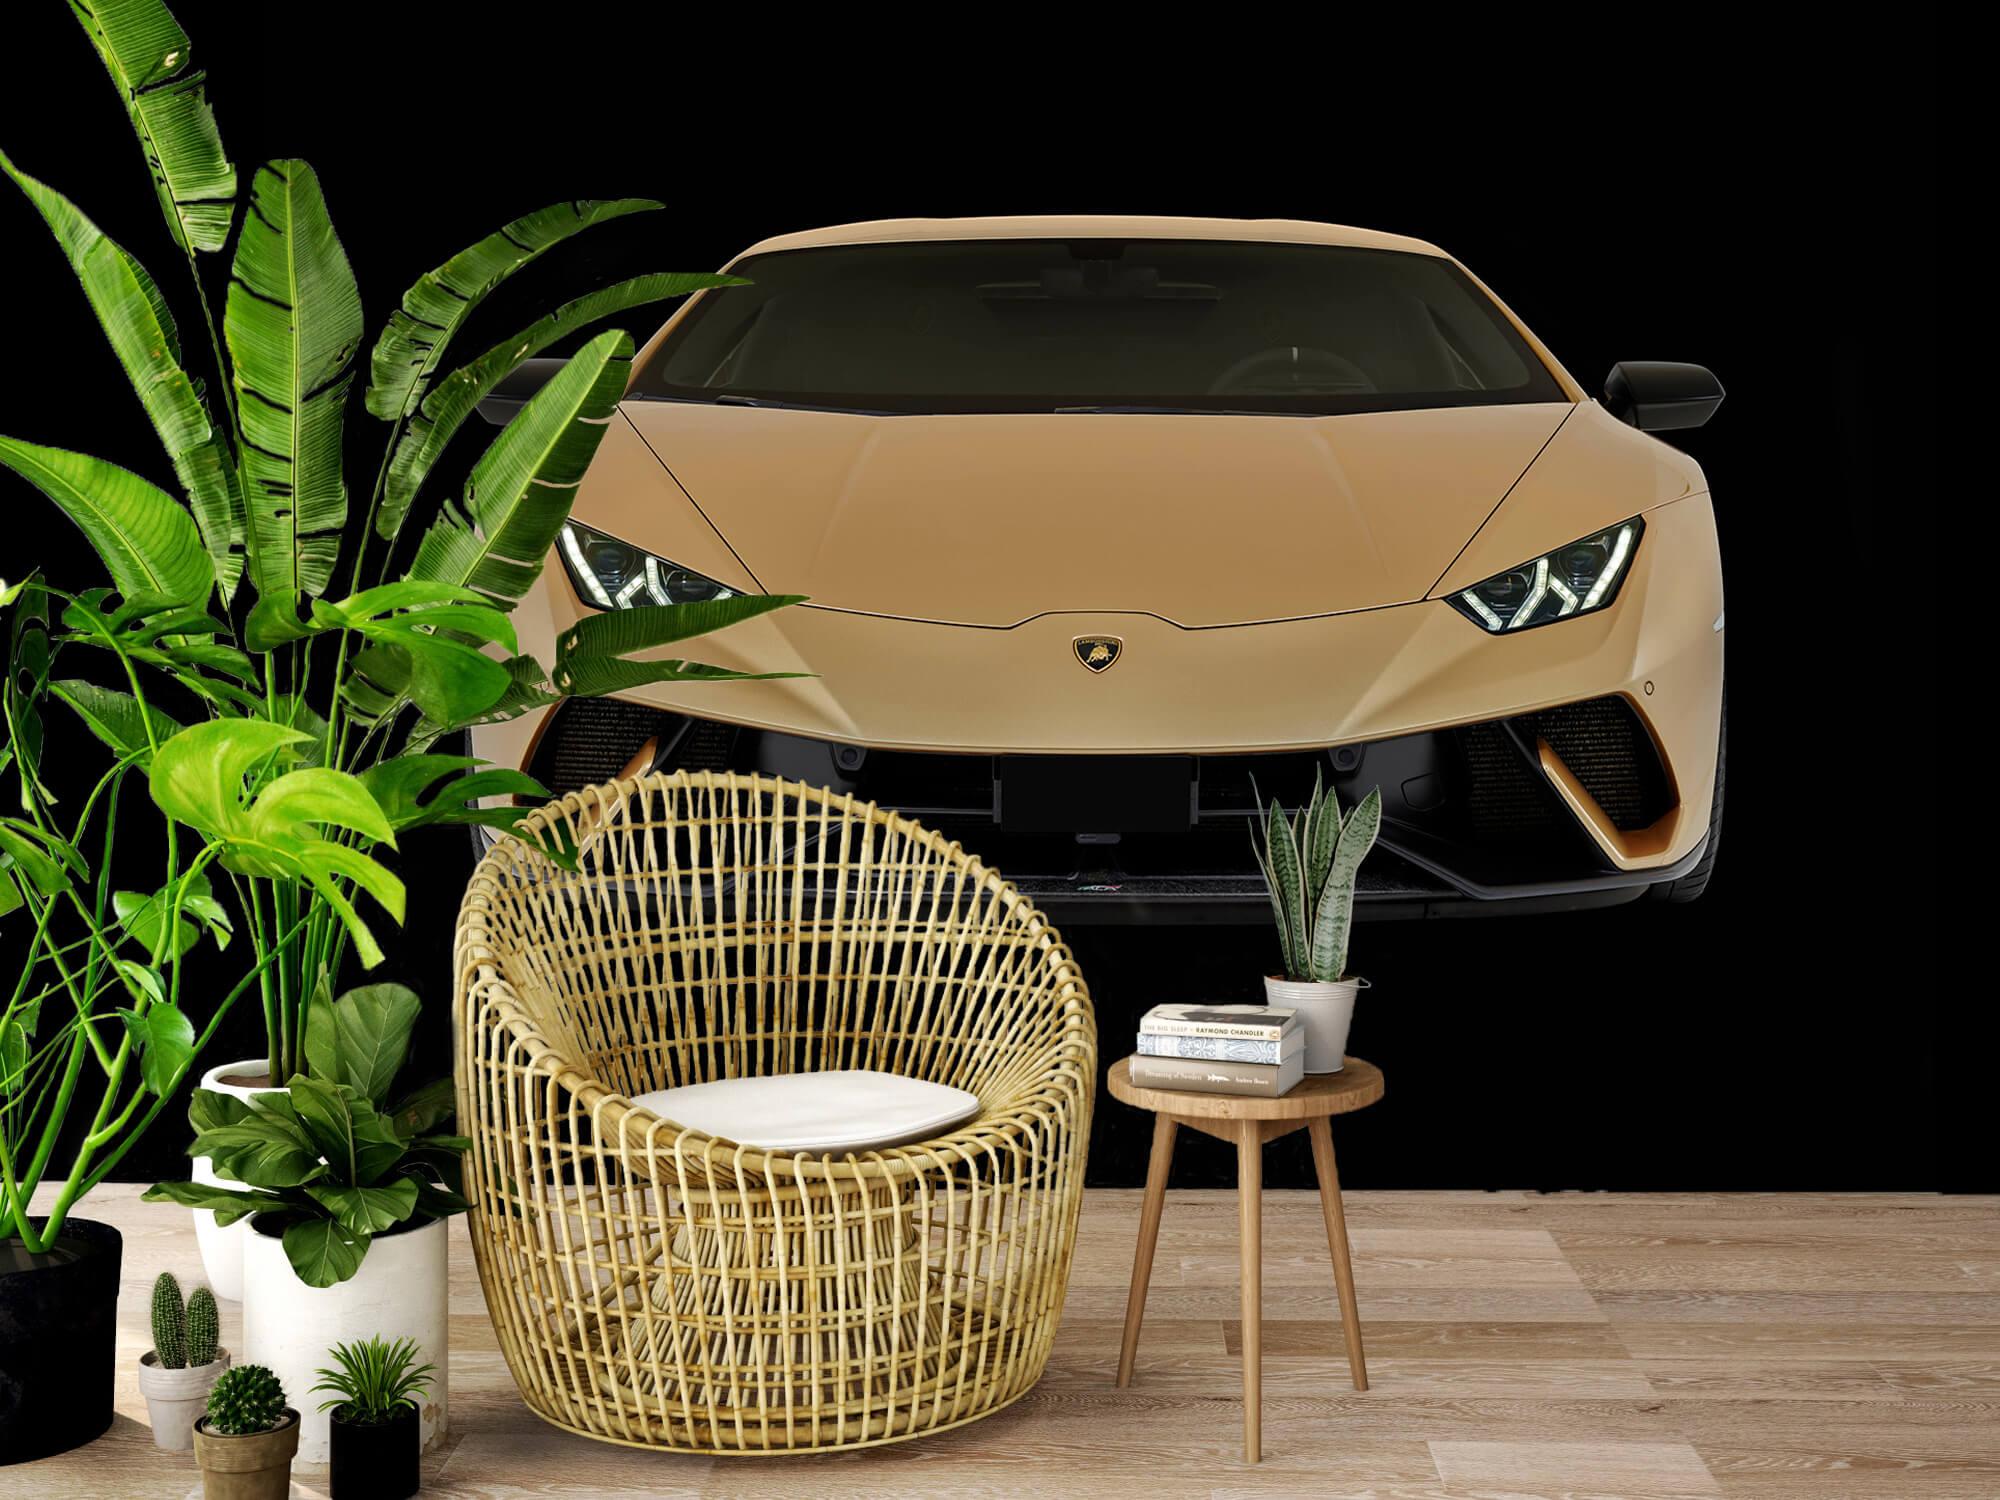 Wallpaper Lamborghini Huracán - Fram, svart 7